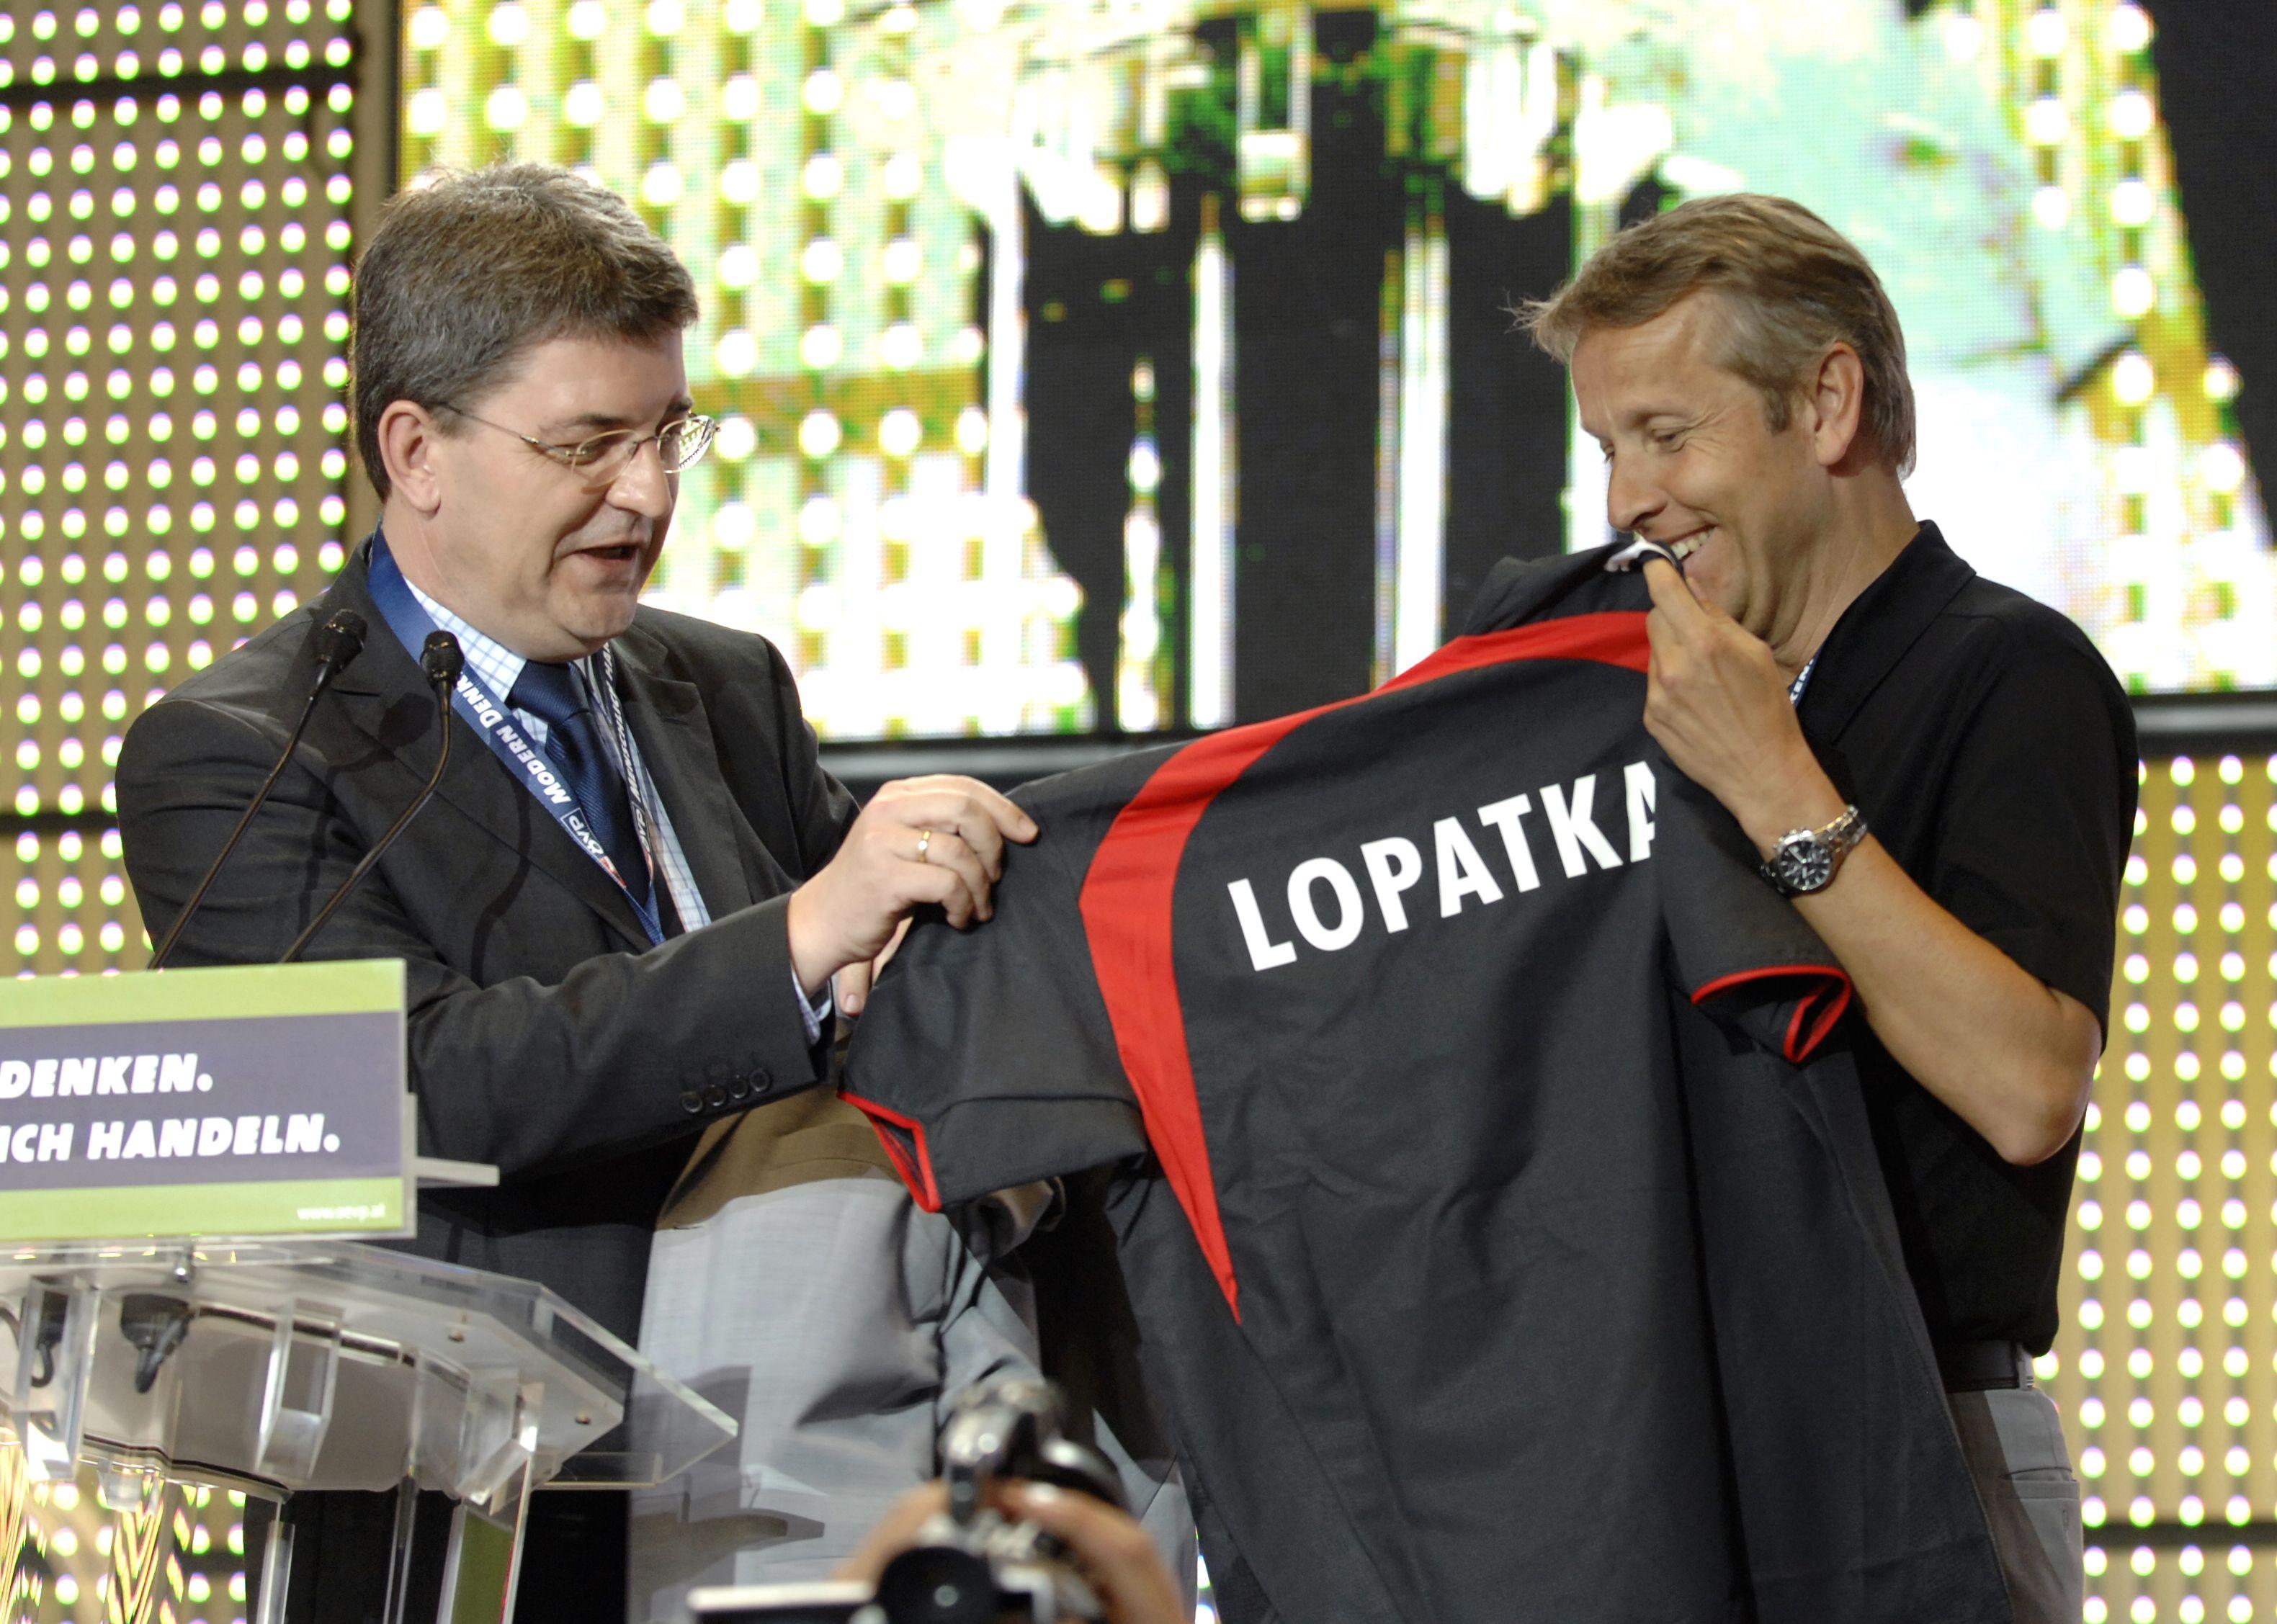 Von ÖVP-Generalsekretär Hannes Missethon bekomme als Überraschung ein Fußballdress des österreichischen Nationalteams mit dem Spielernamen Lopatka (C) Christian Jungwirth